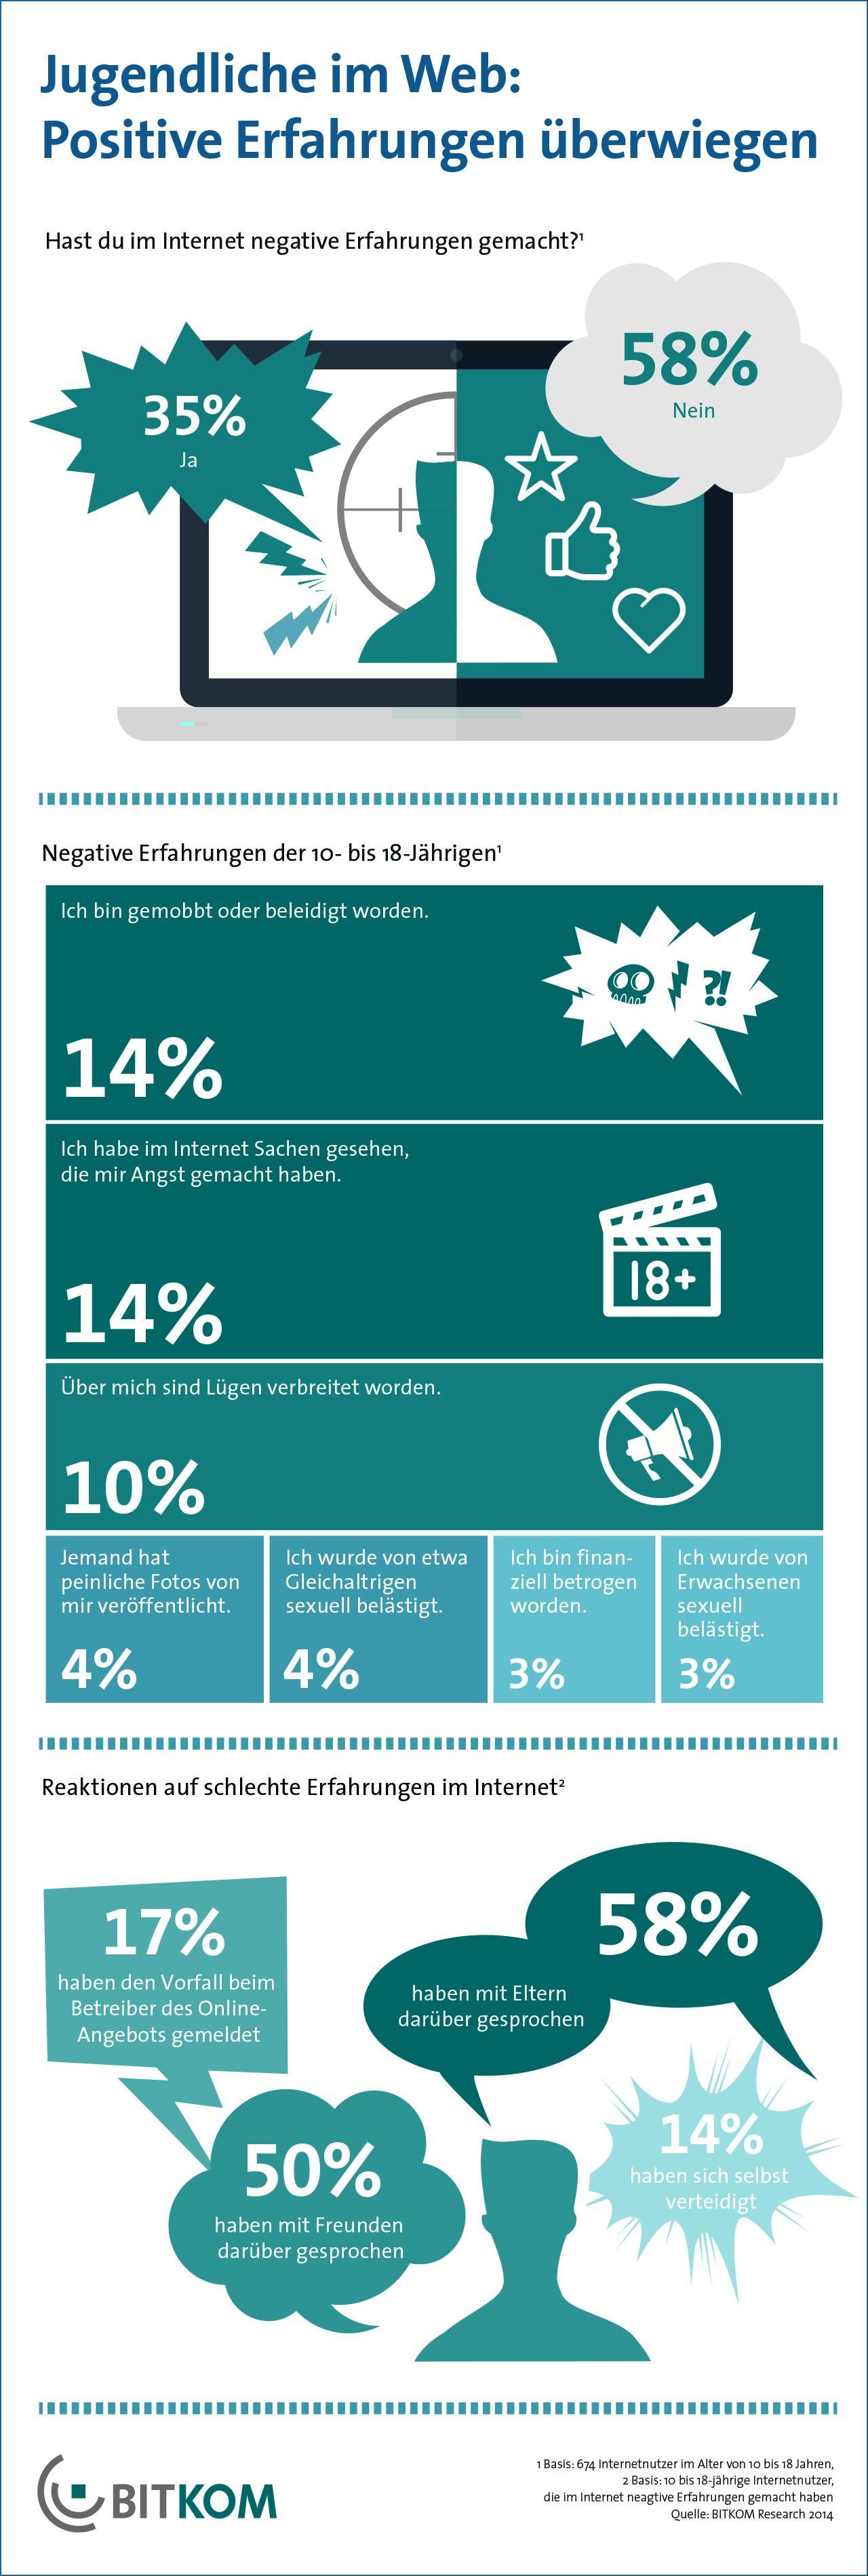 Die meisten Jugendlichen machen weit überwiegend positive ...